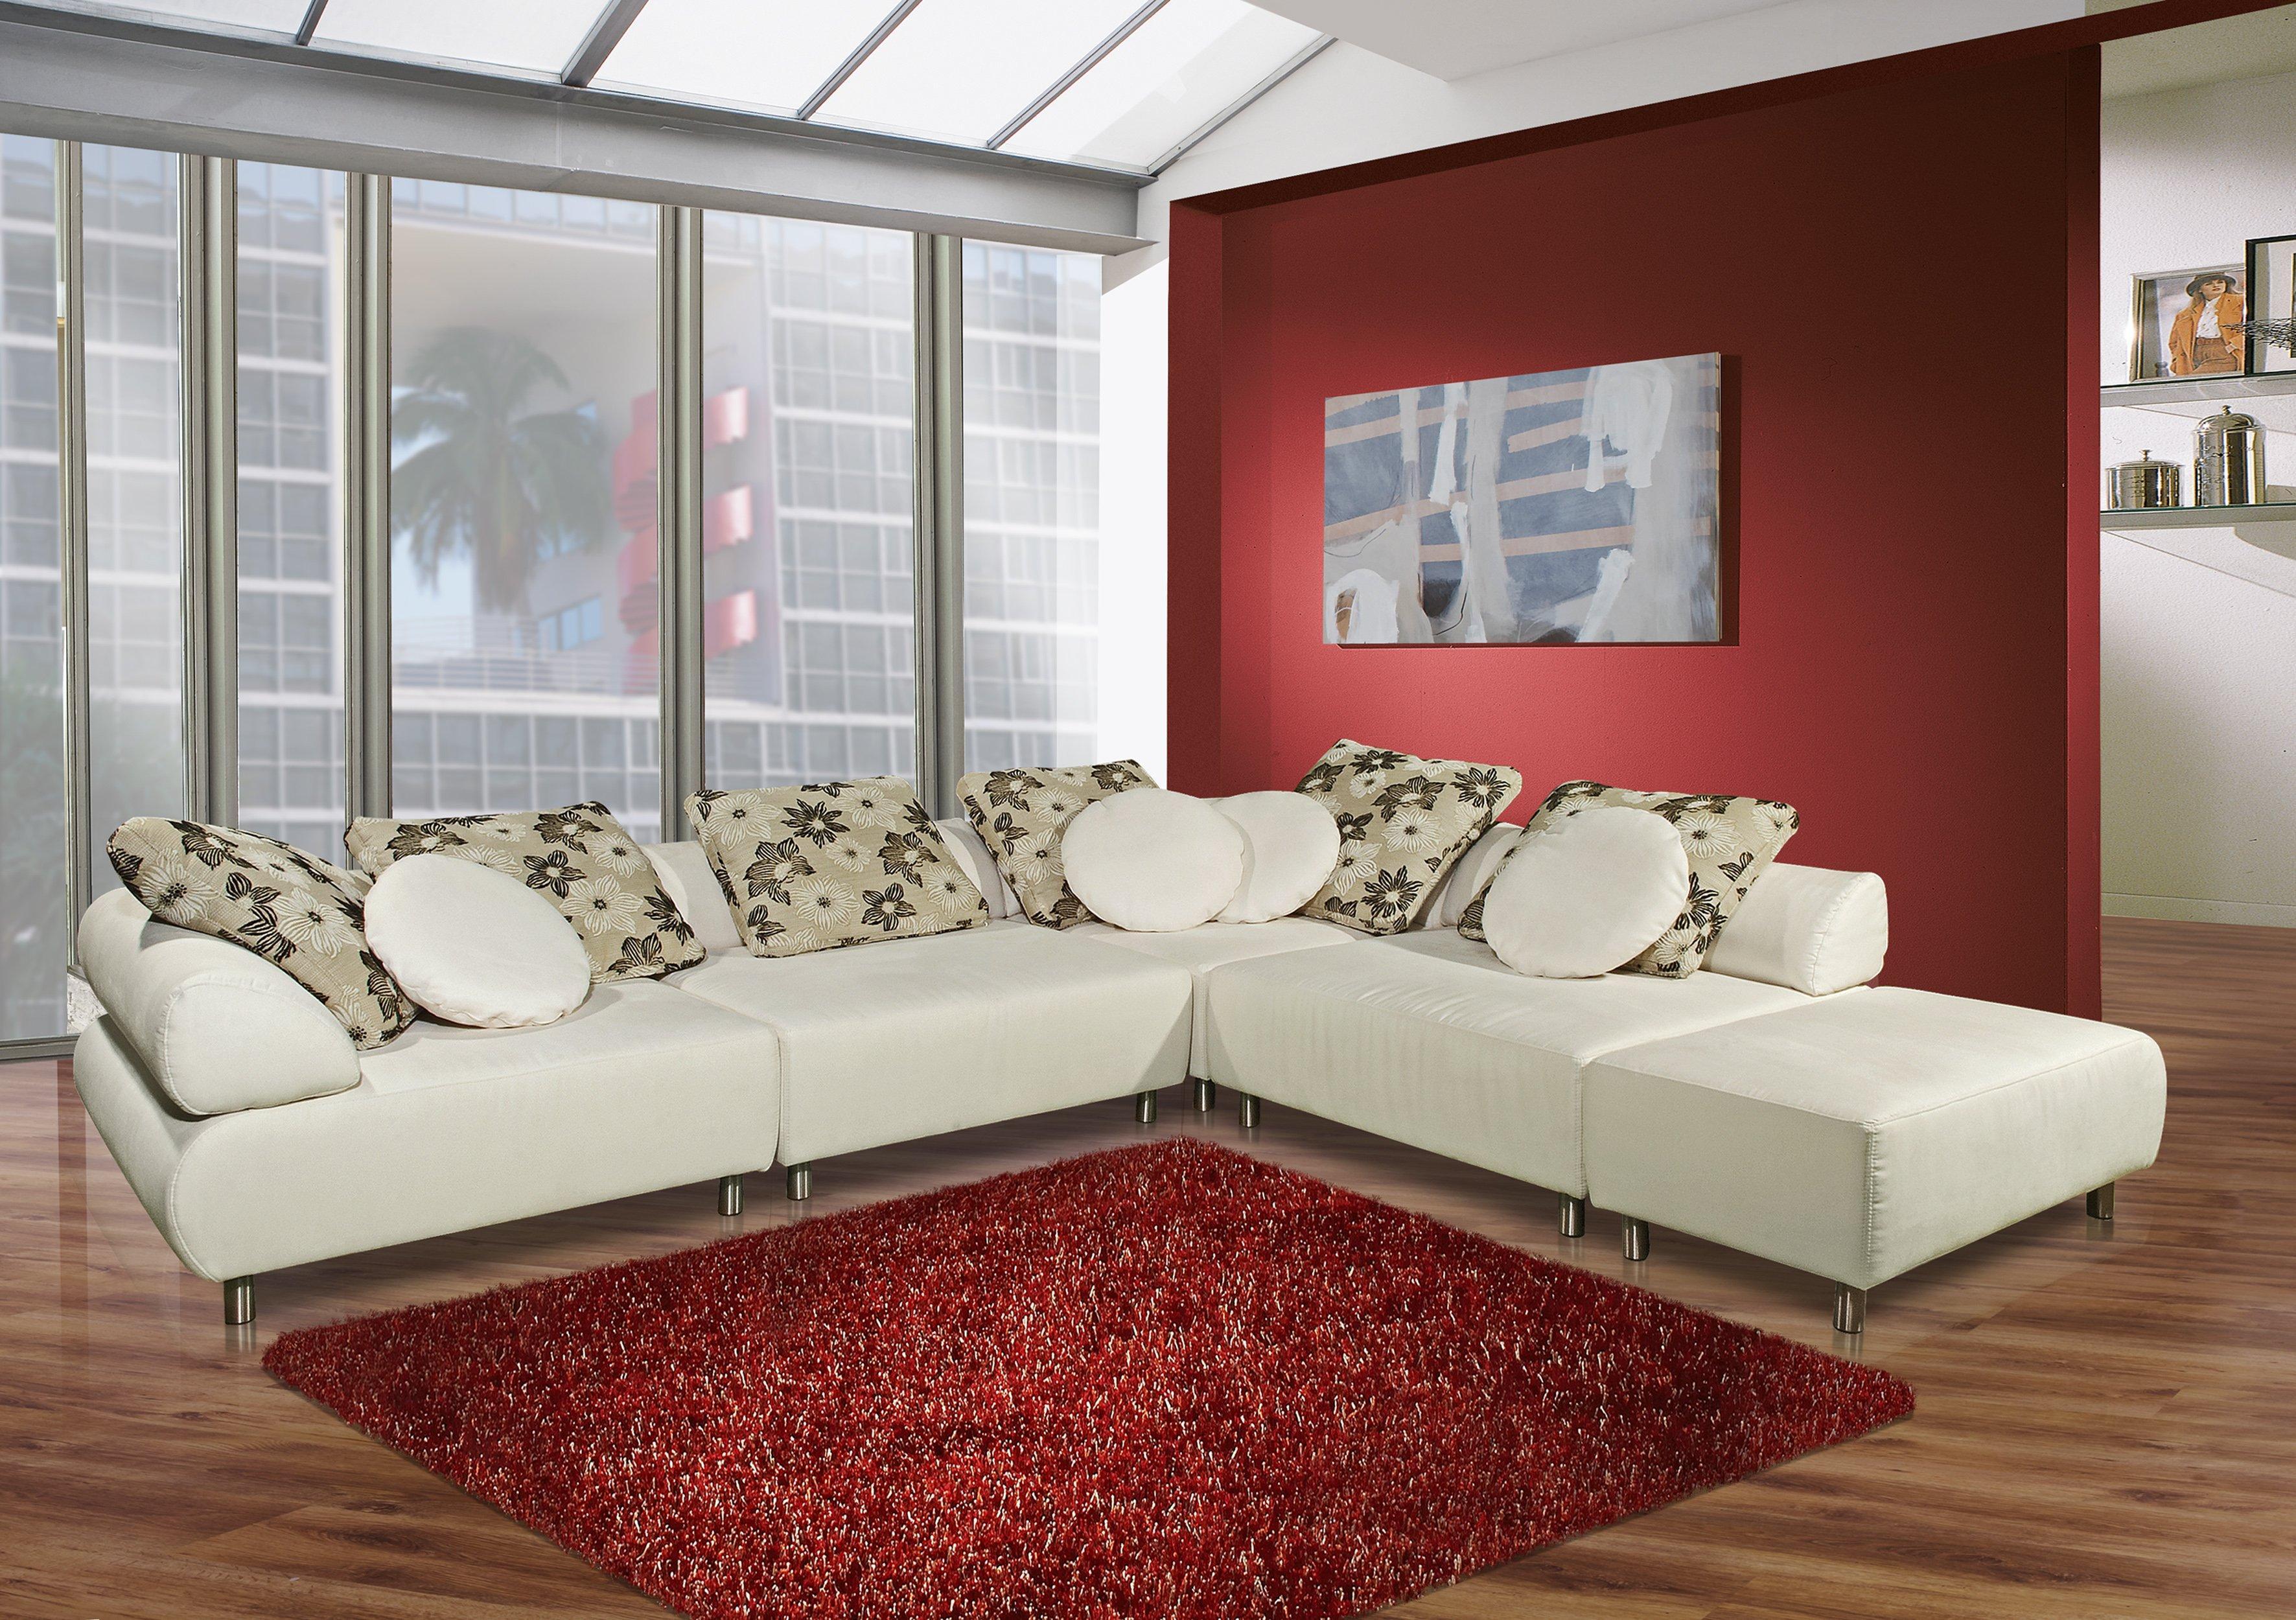 Divano bianco un concentrato di stile e raffinatezza cose di casa - Come mettere i cuscini sul letto ...